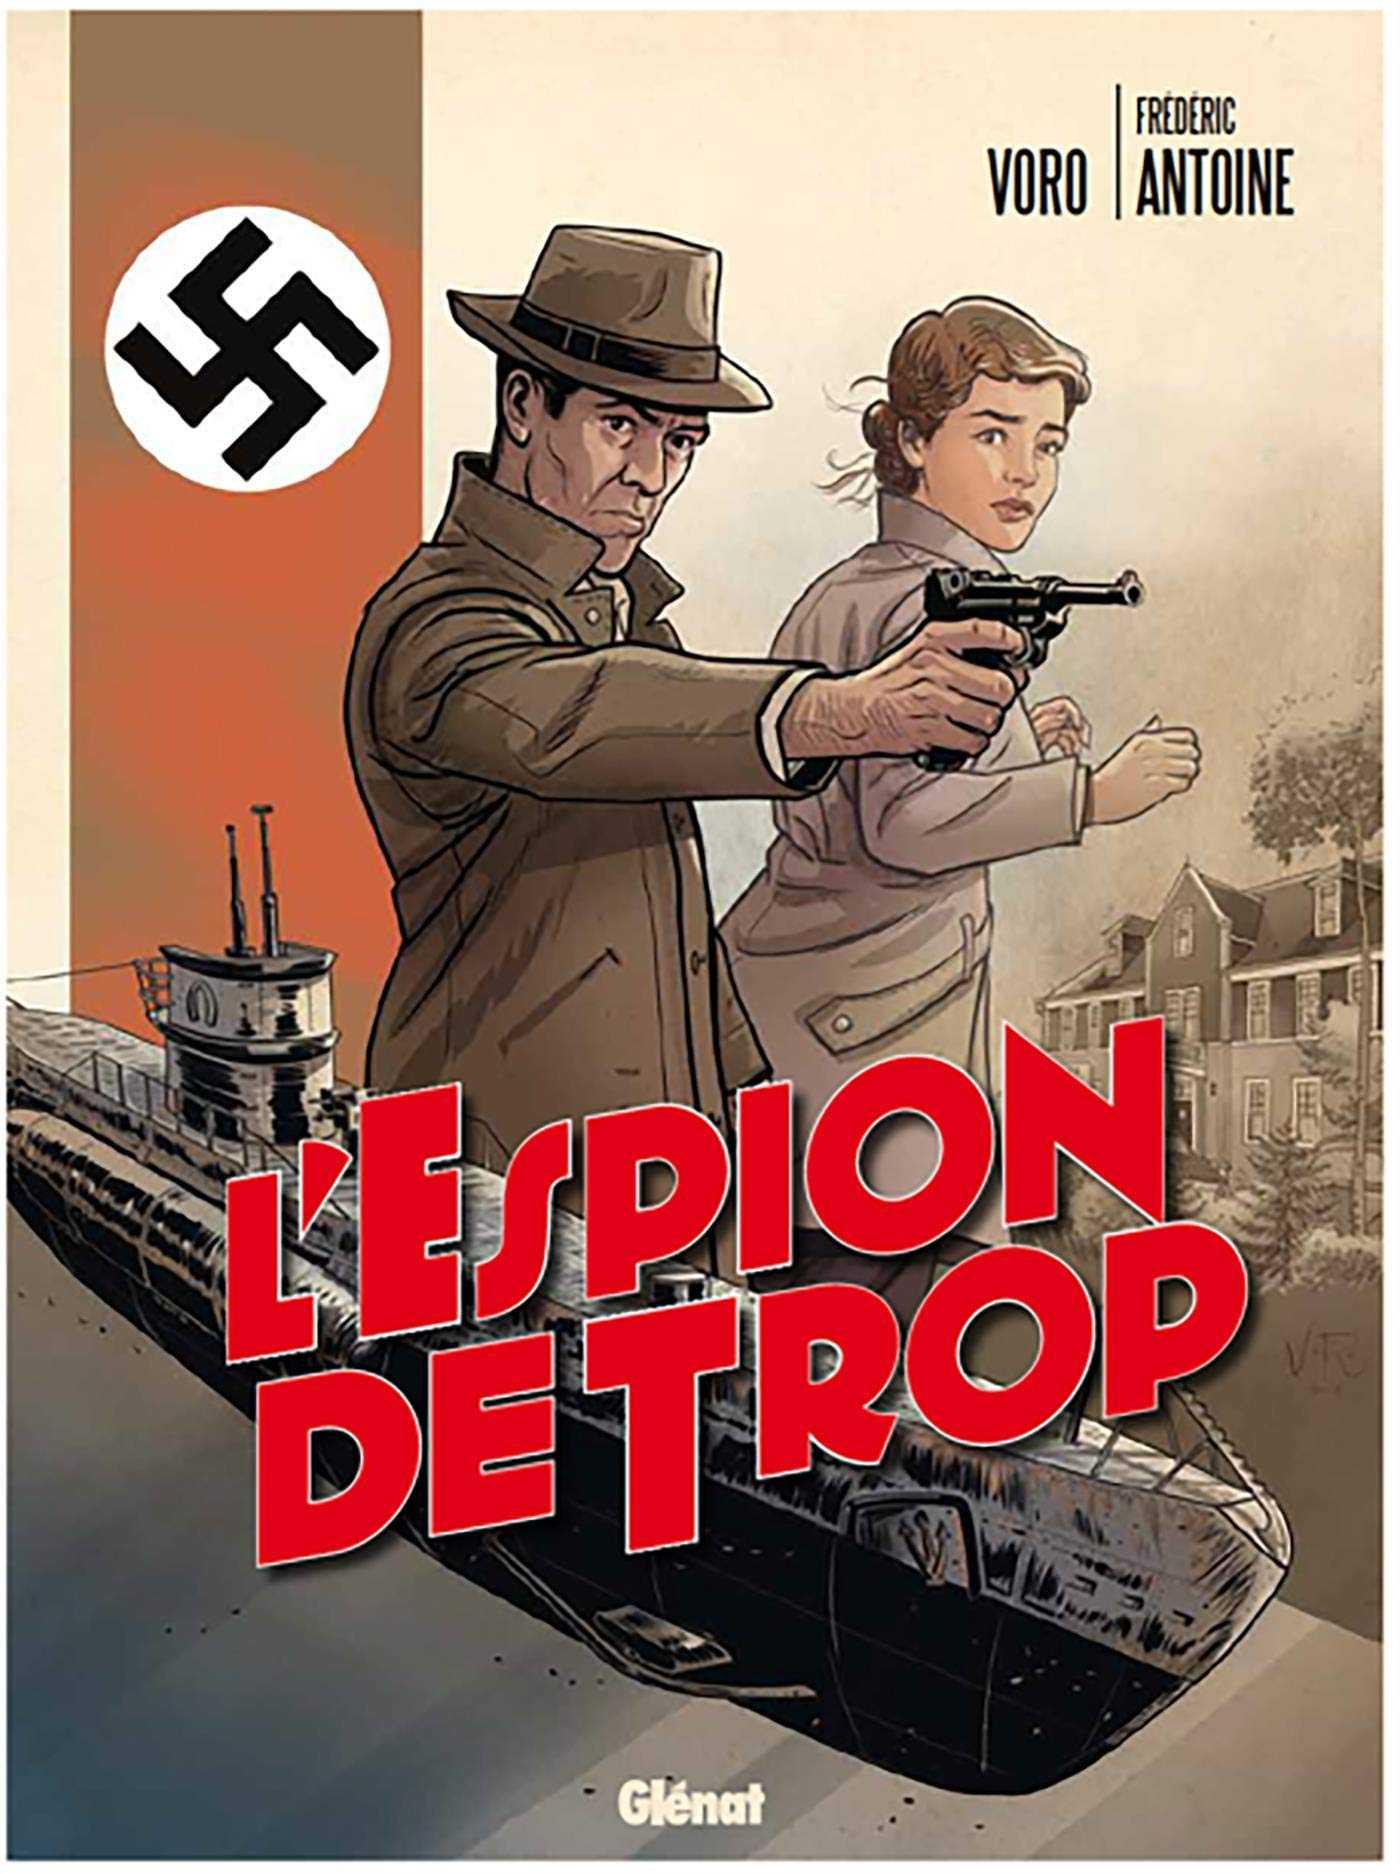 L'Espion de trop, dérapage nazi au Canada